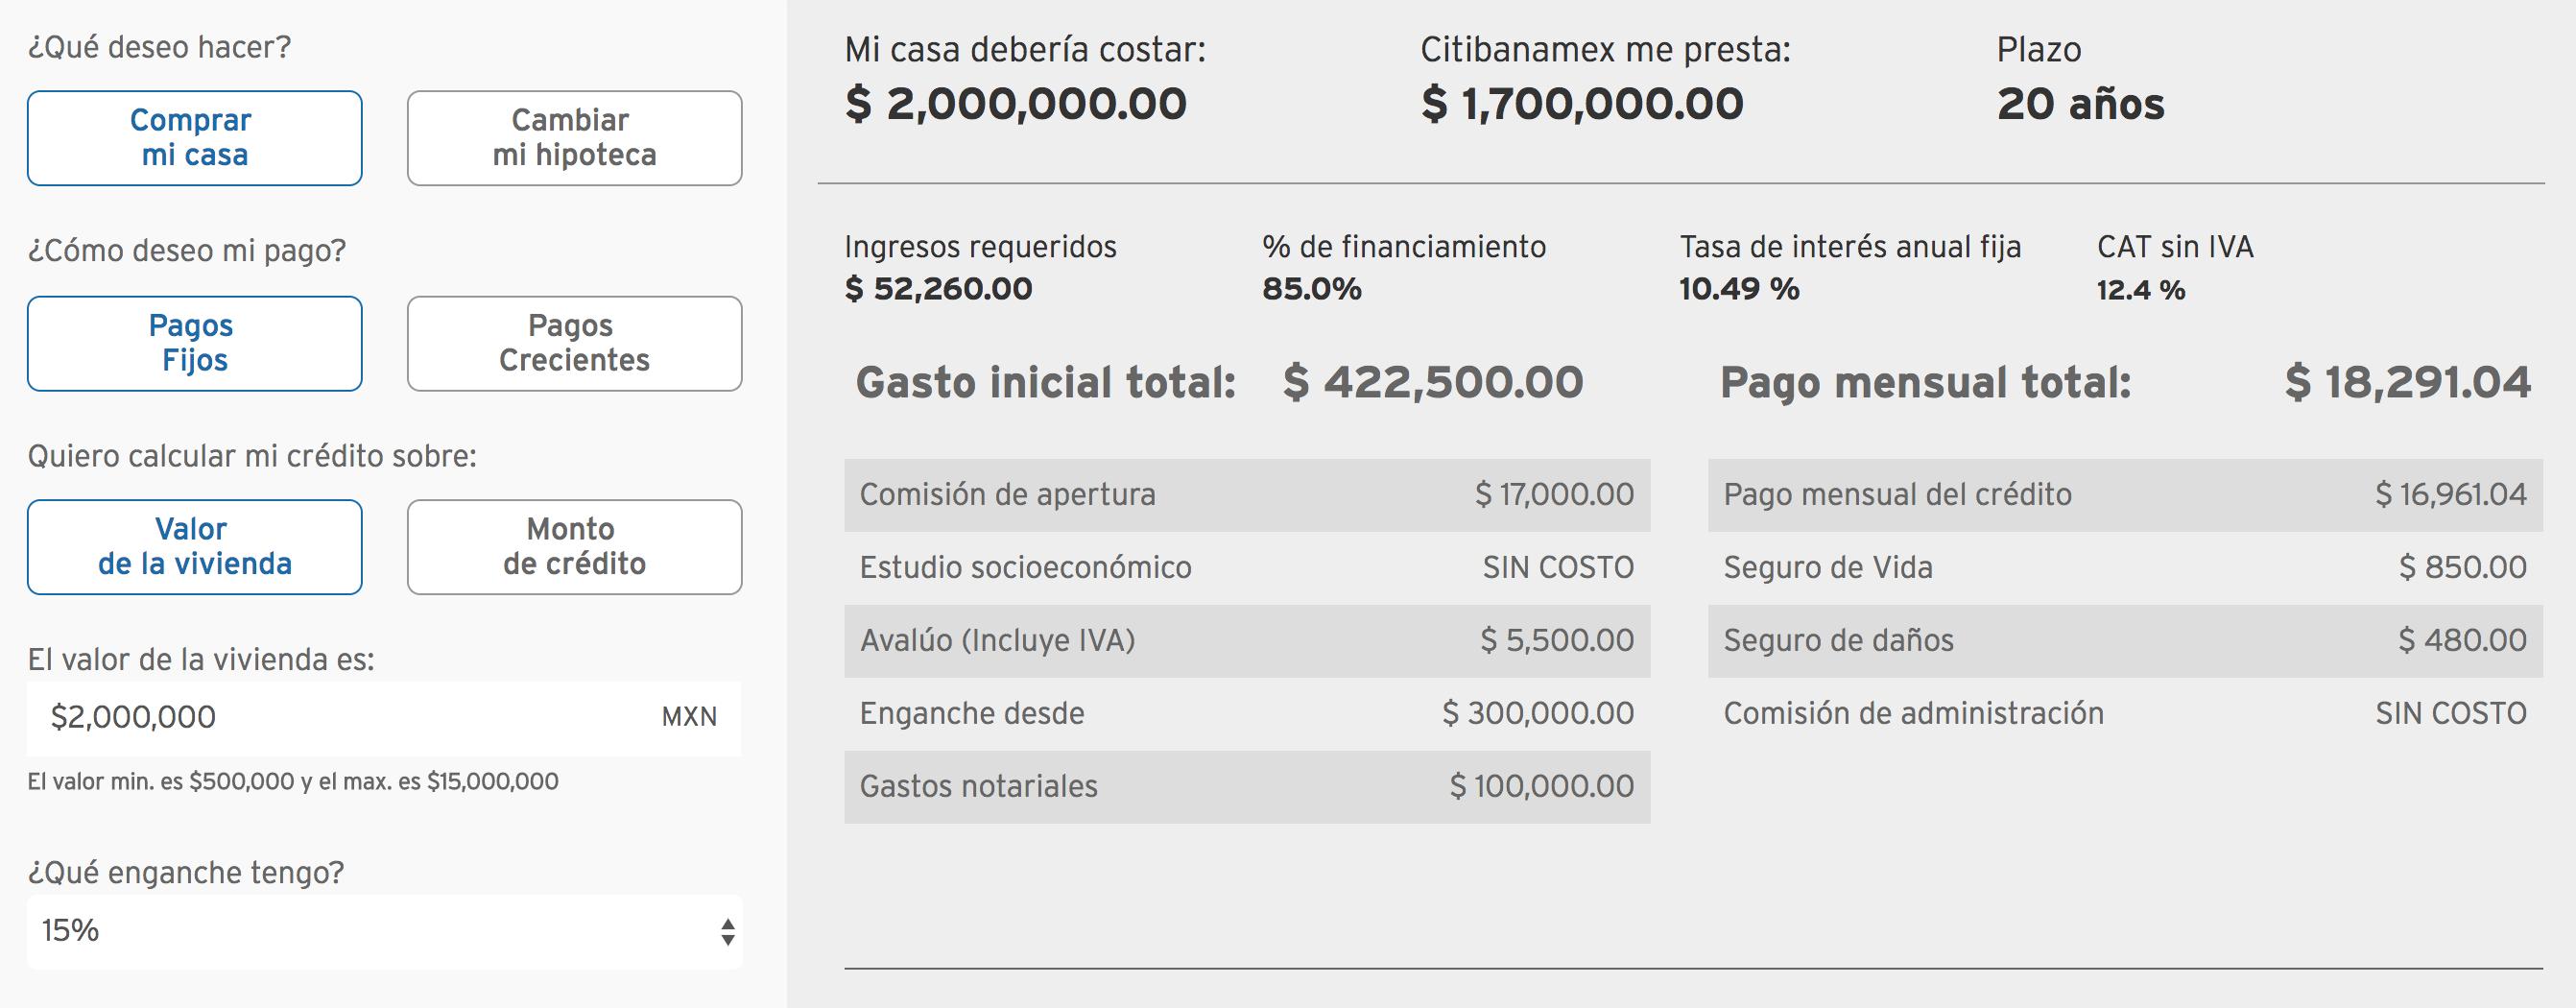 crédito hipotecario banamex